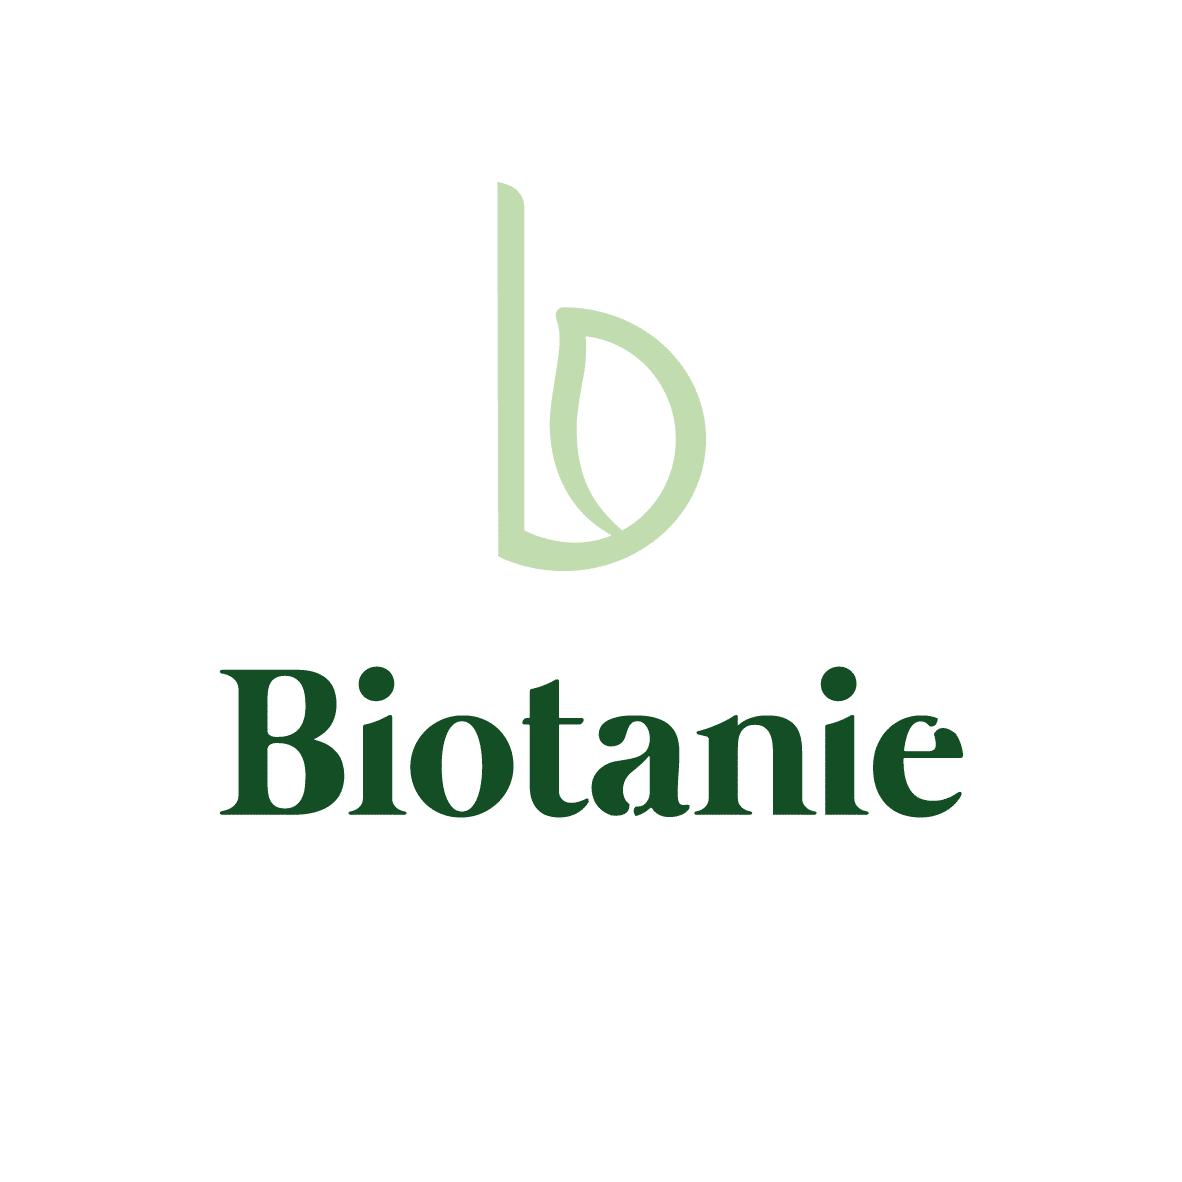 Biotanie